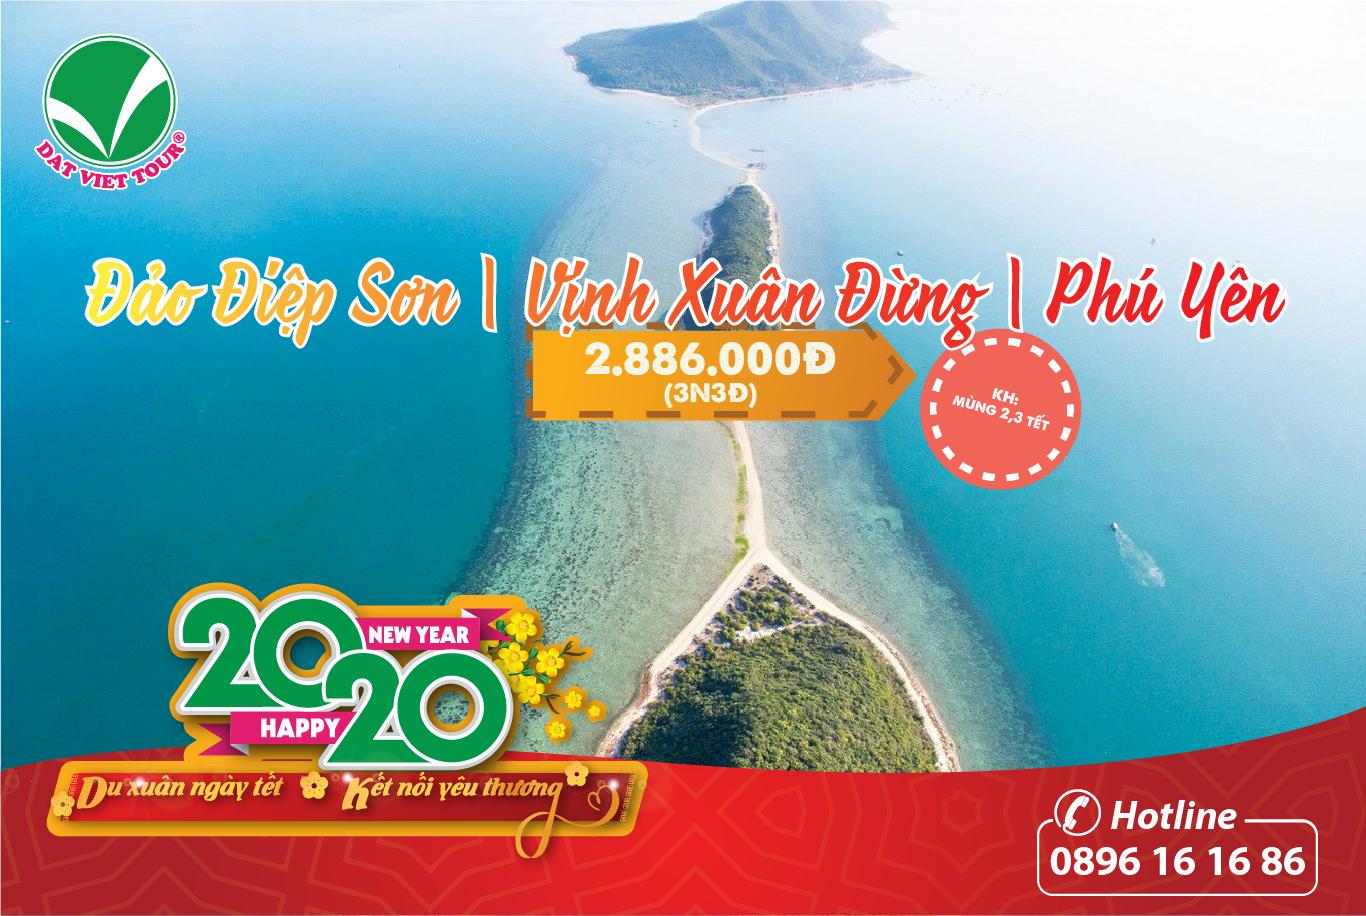 Tour Điệp Sơn - Phú Yên